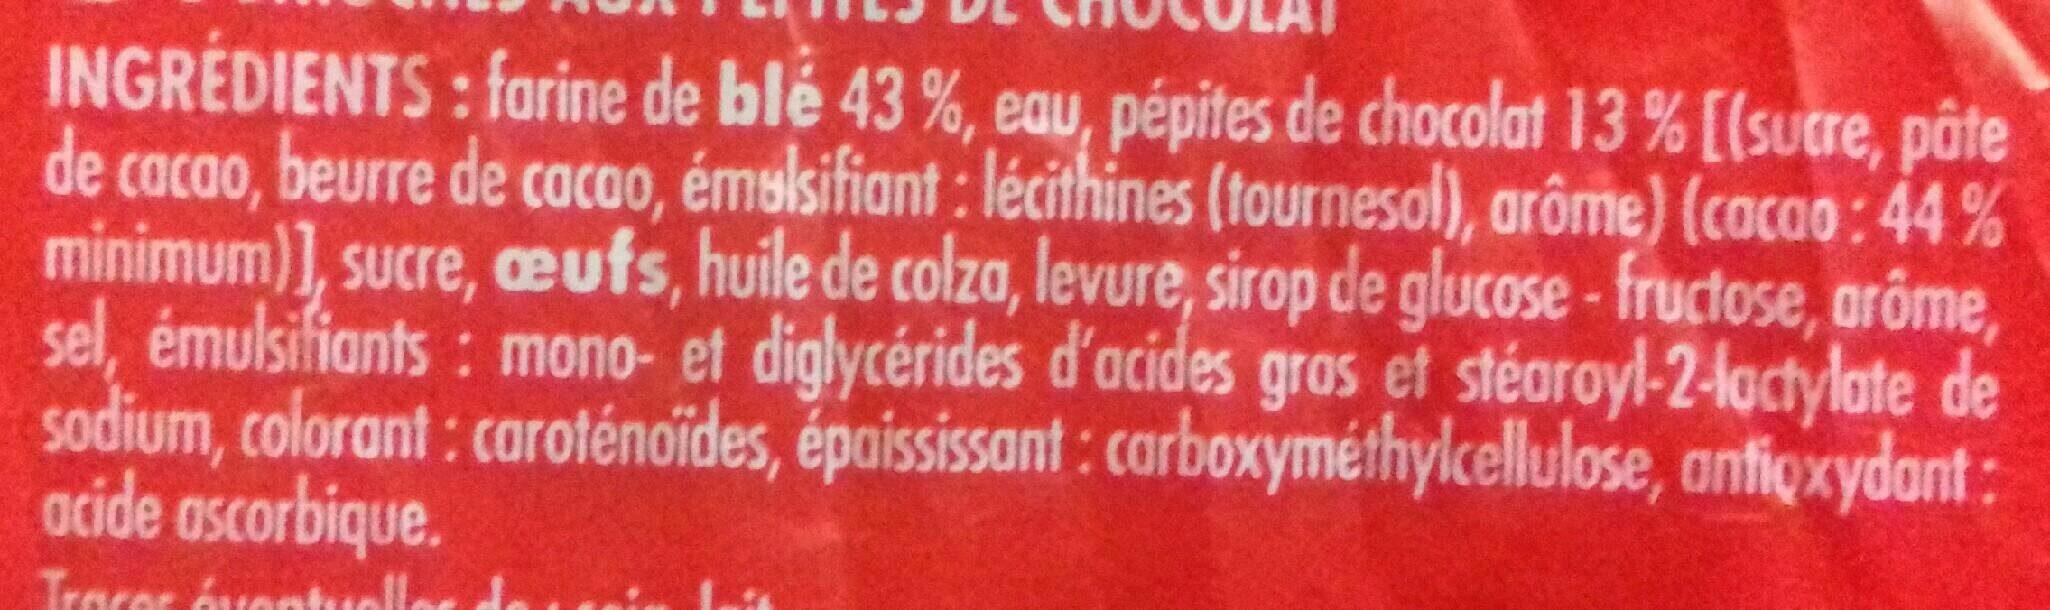 Brioches (x 8) aux Pépites de Chocolat - Ingredients